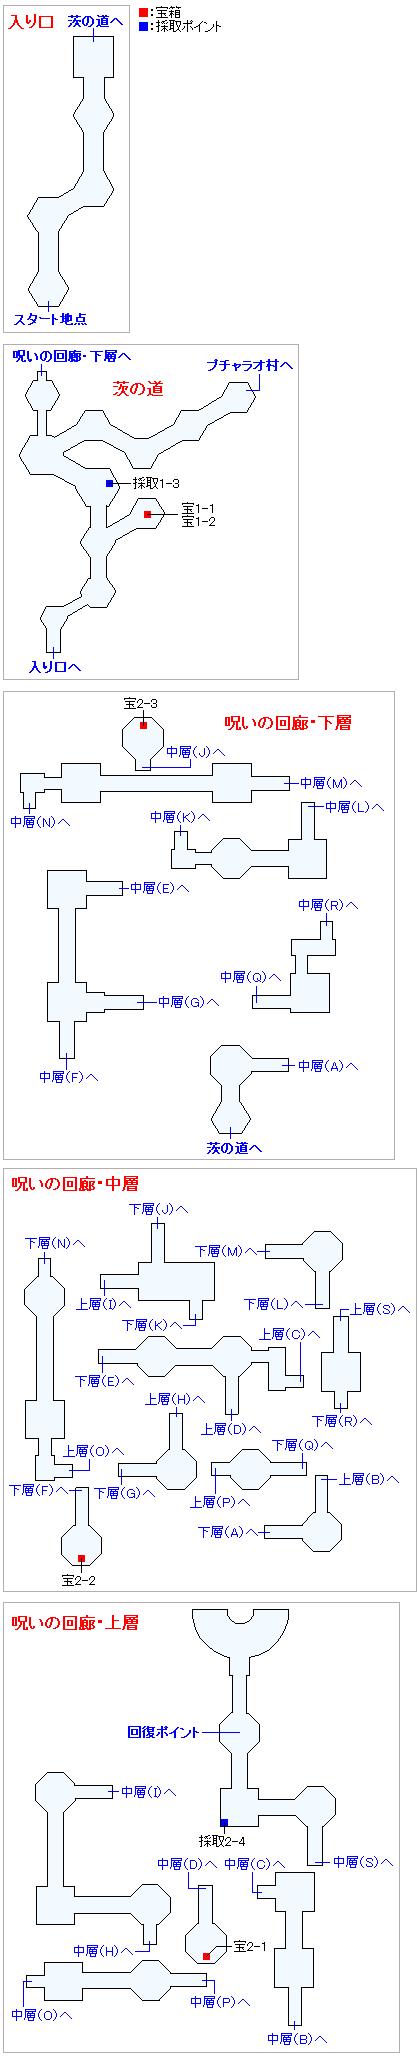 壁画世界(Switch3DとPS4)のマップ画像